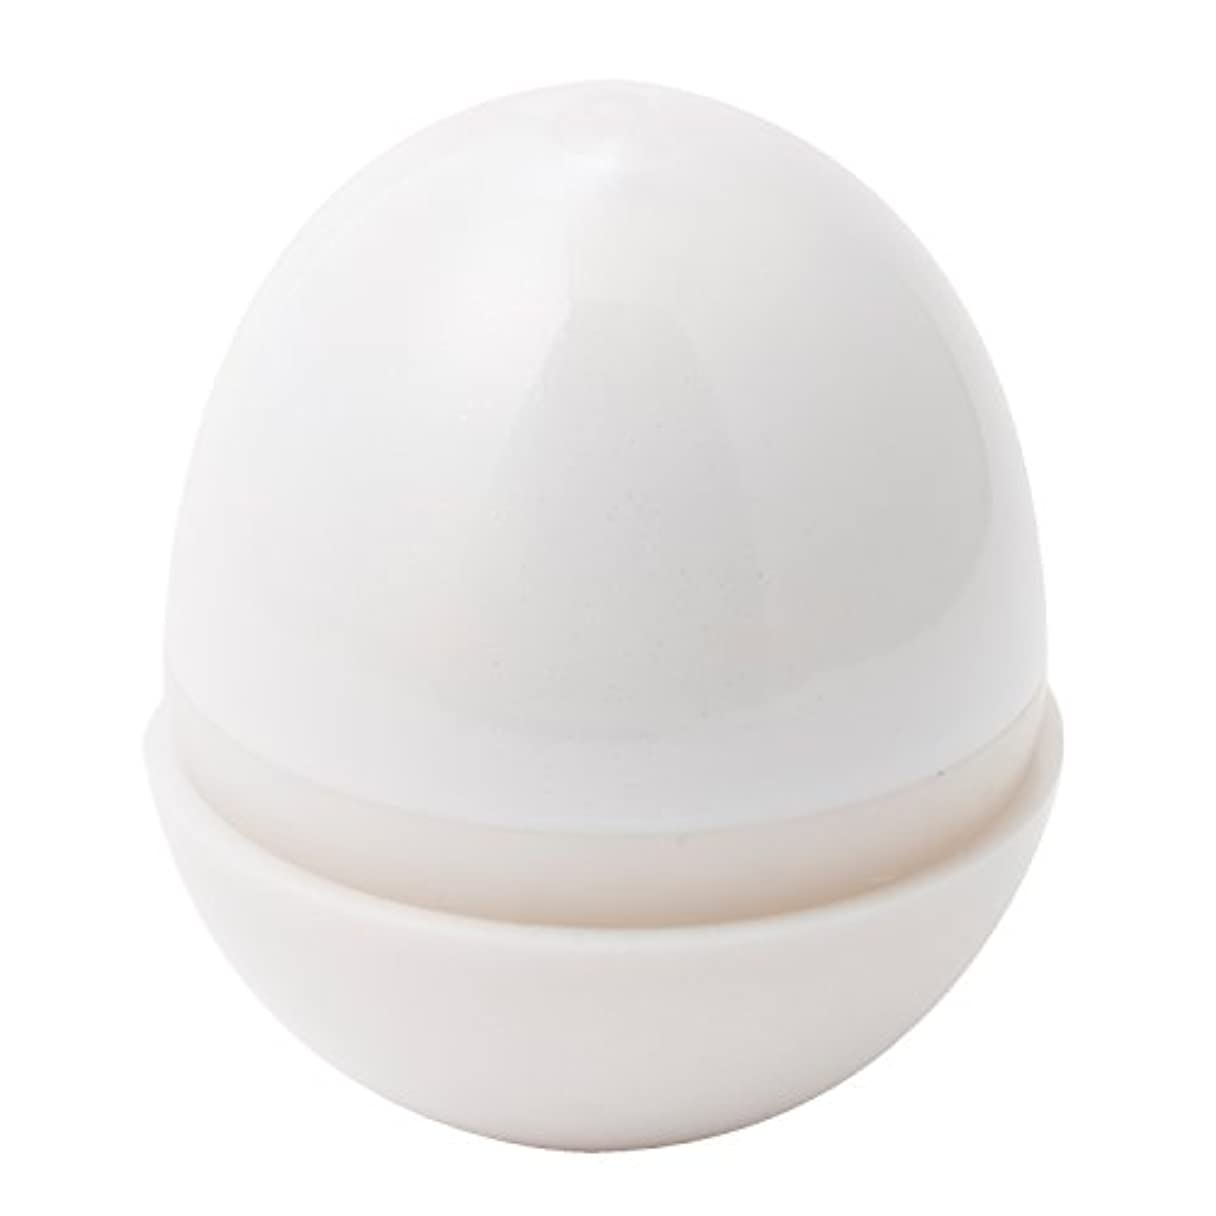 懺悔シロクマ実行可能ユビタマゴ3 (ゆびたまご3) 磁石内蔵!美顔器 美顔ローラー